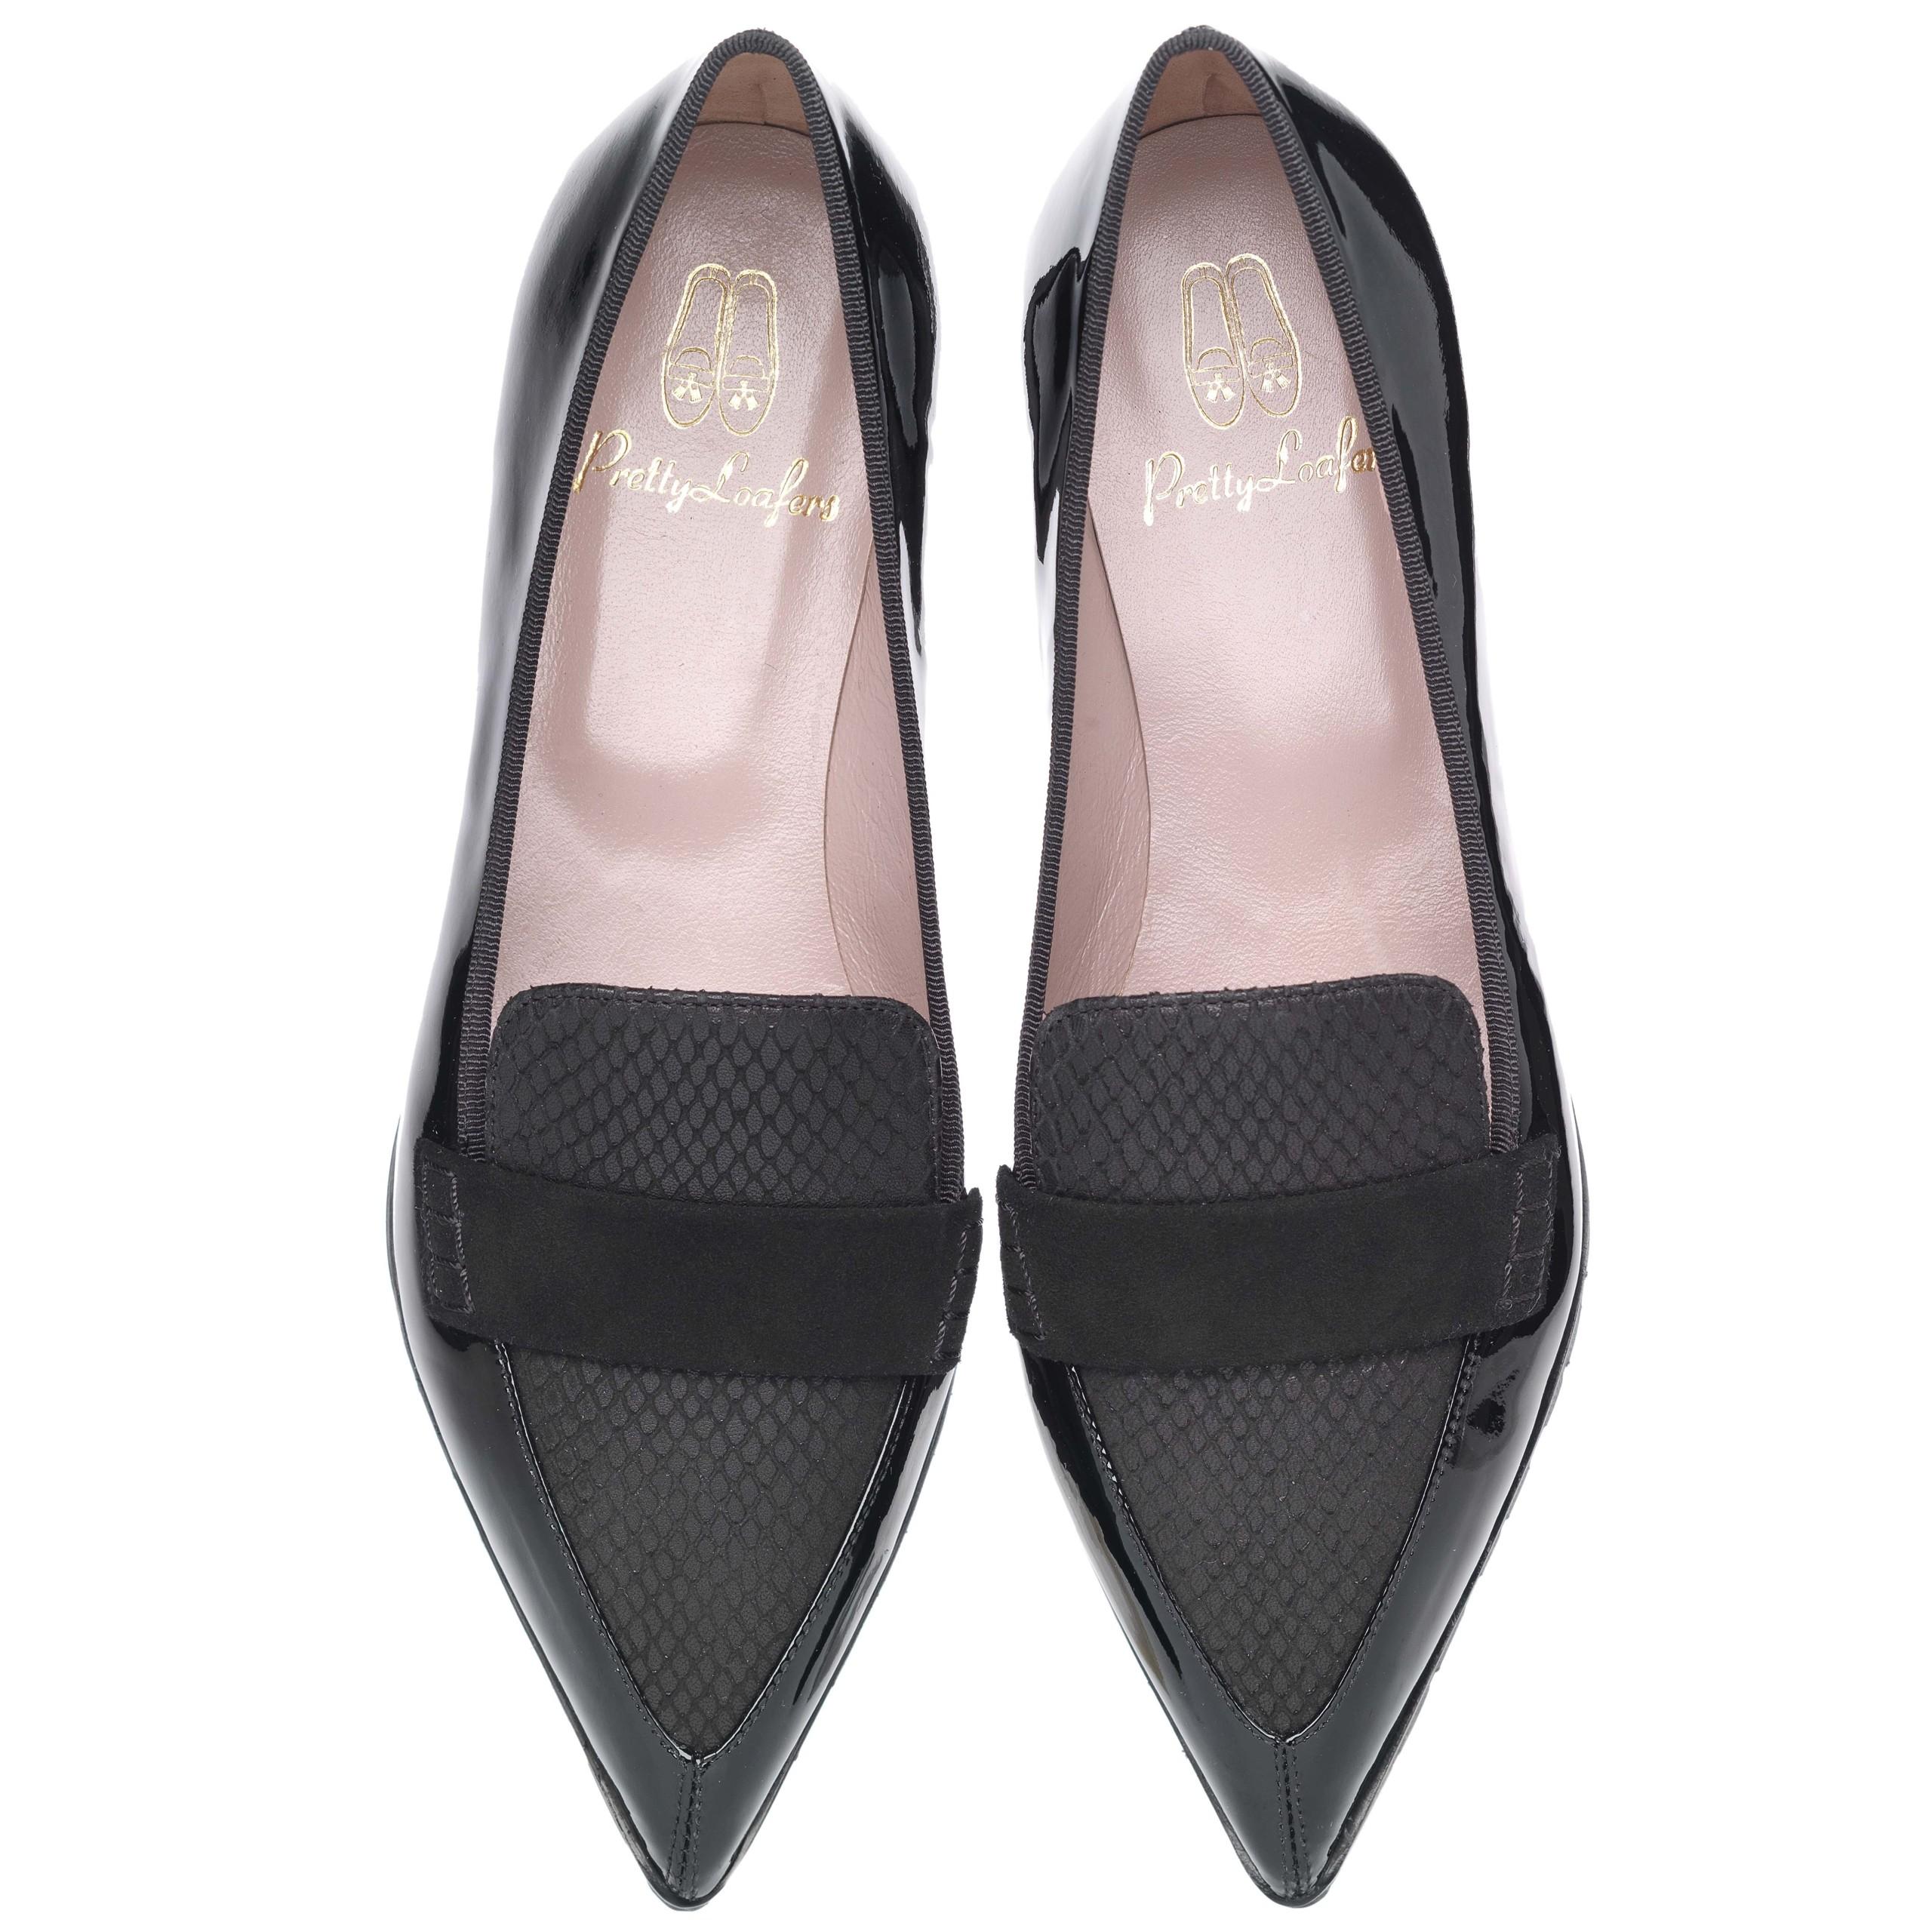 Foto de Pretty Loafers, las slippers necesarias para las incondicionales del calzado plano (10/20)